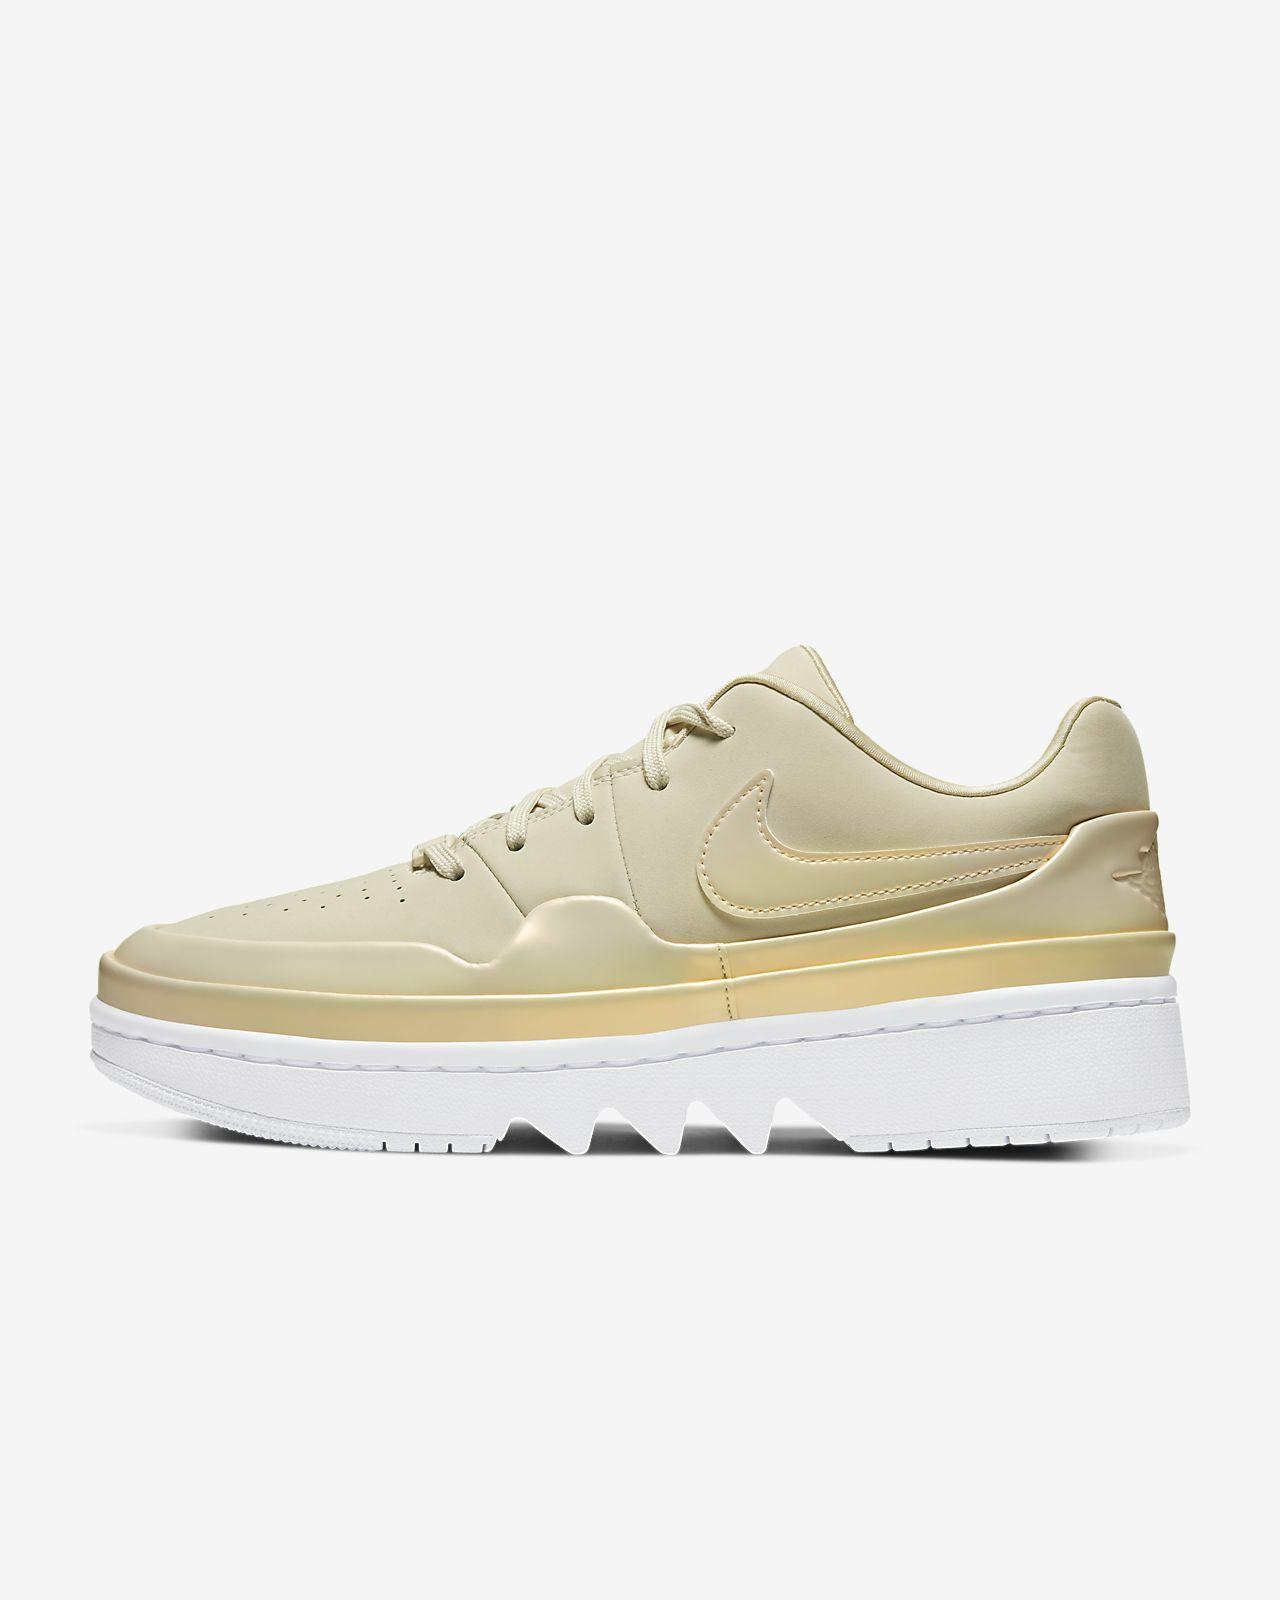 รองเท้าผู้หญิง Air Jordan 1 Jester XX Low Laced SE